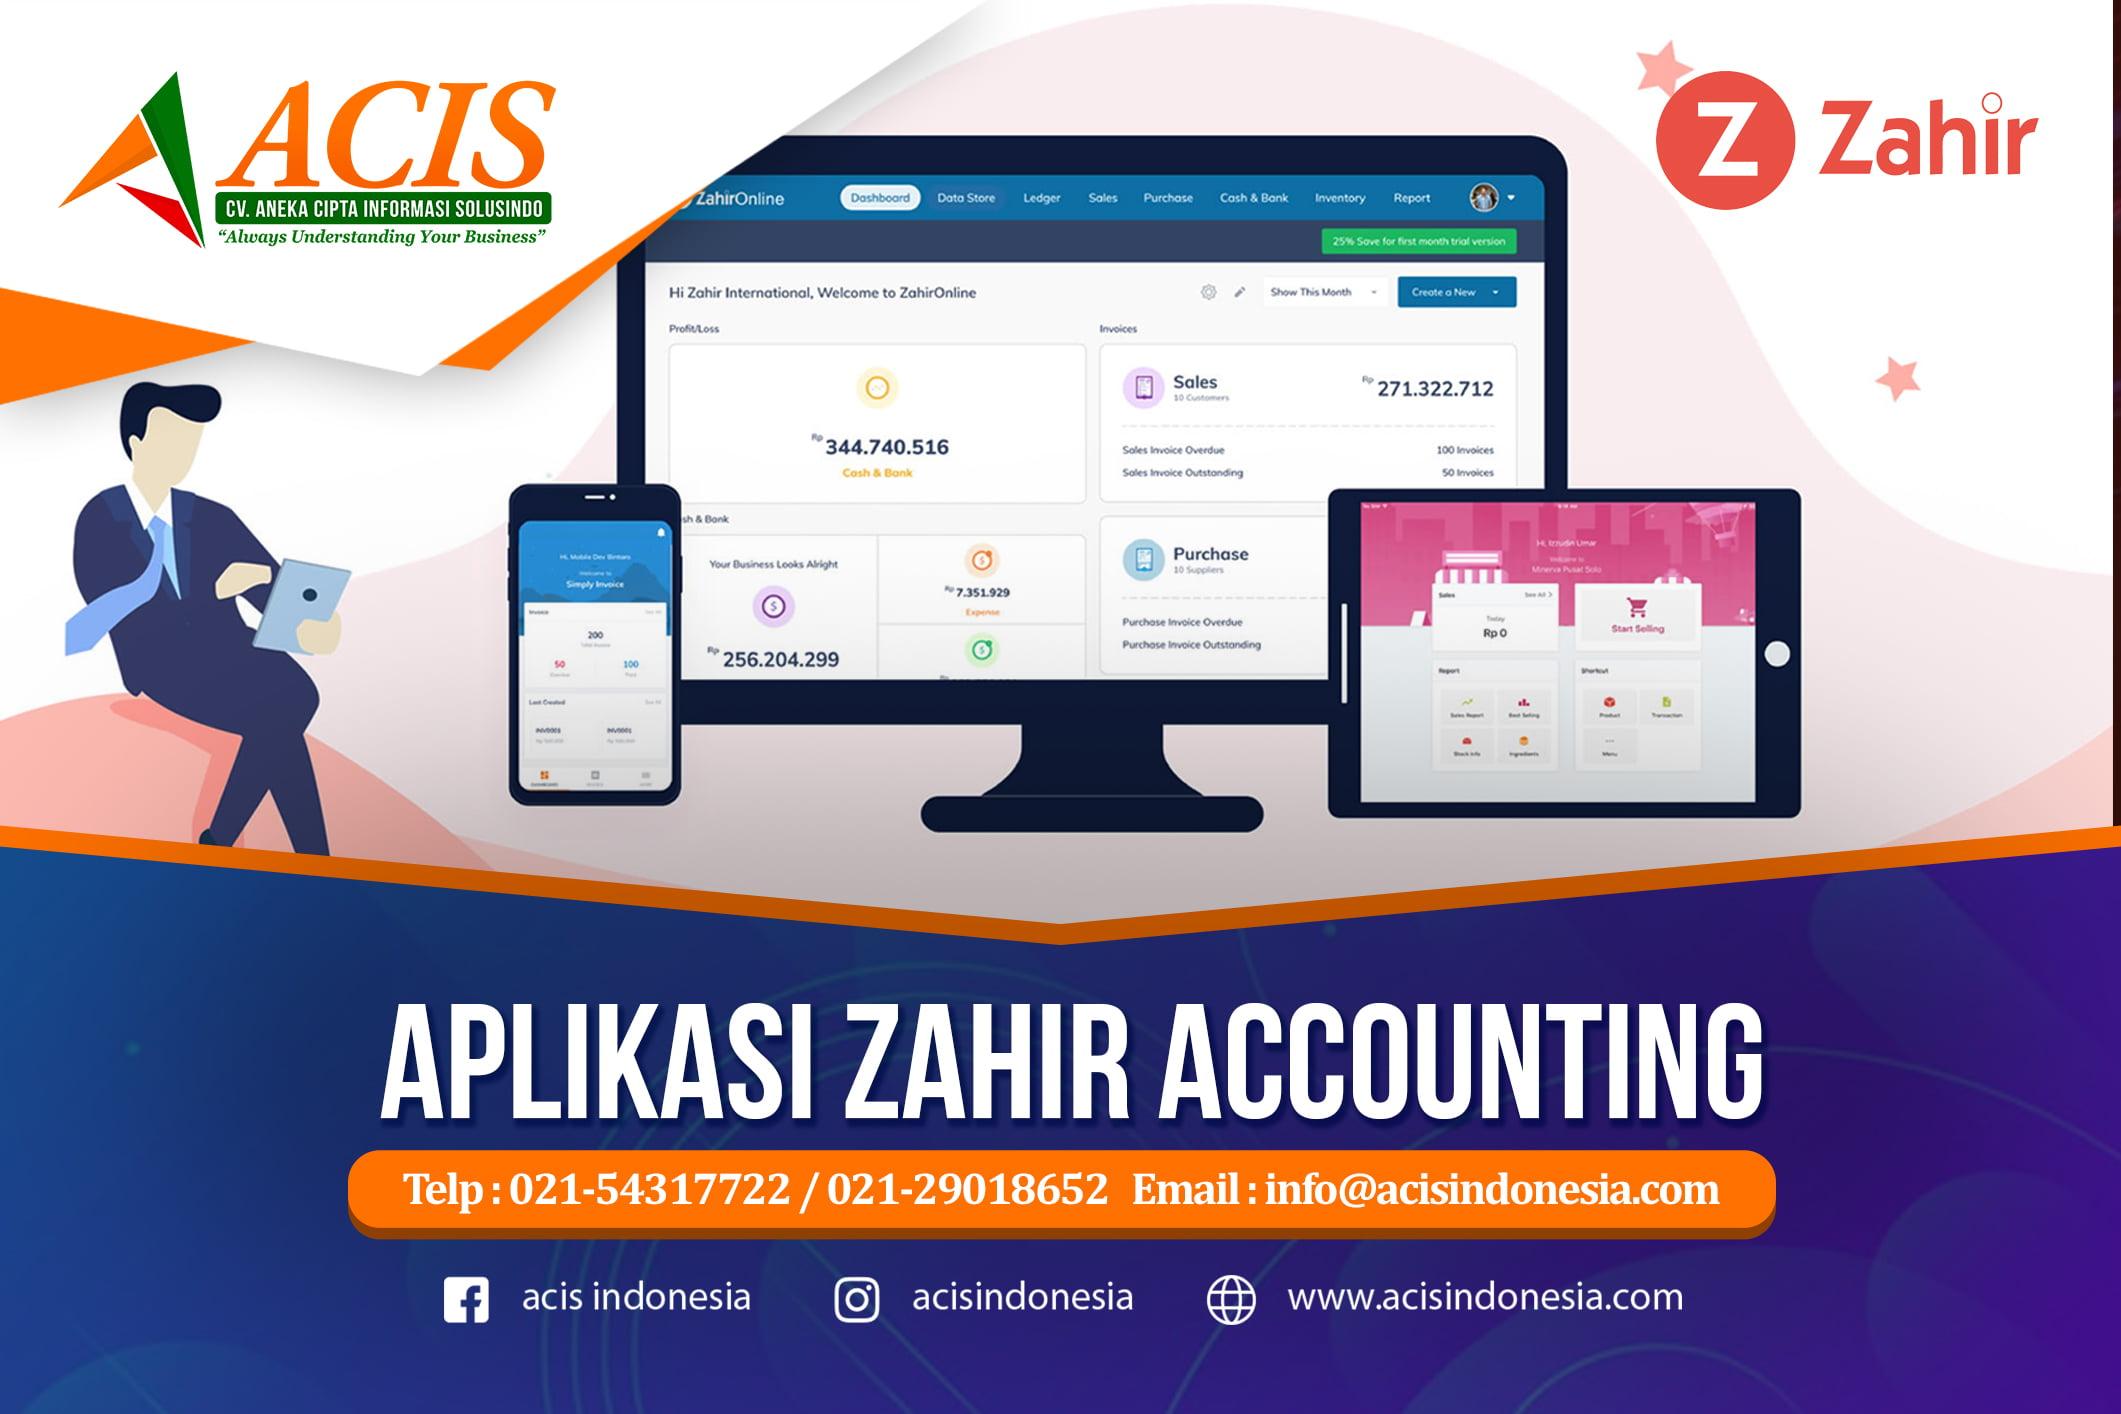 Aplikasi Zahir Accounting